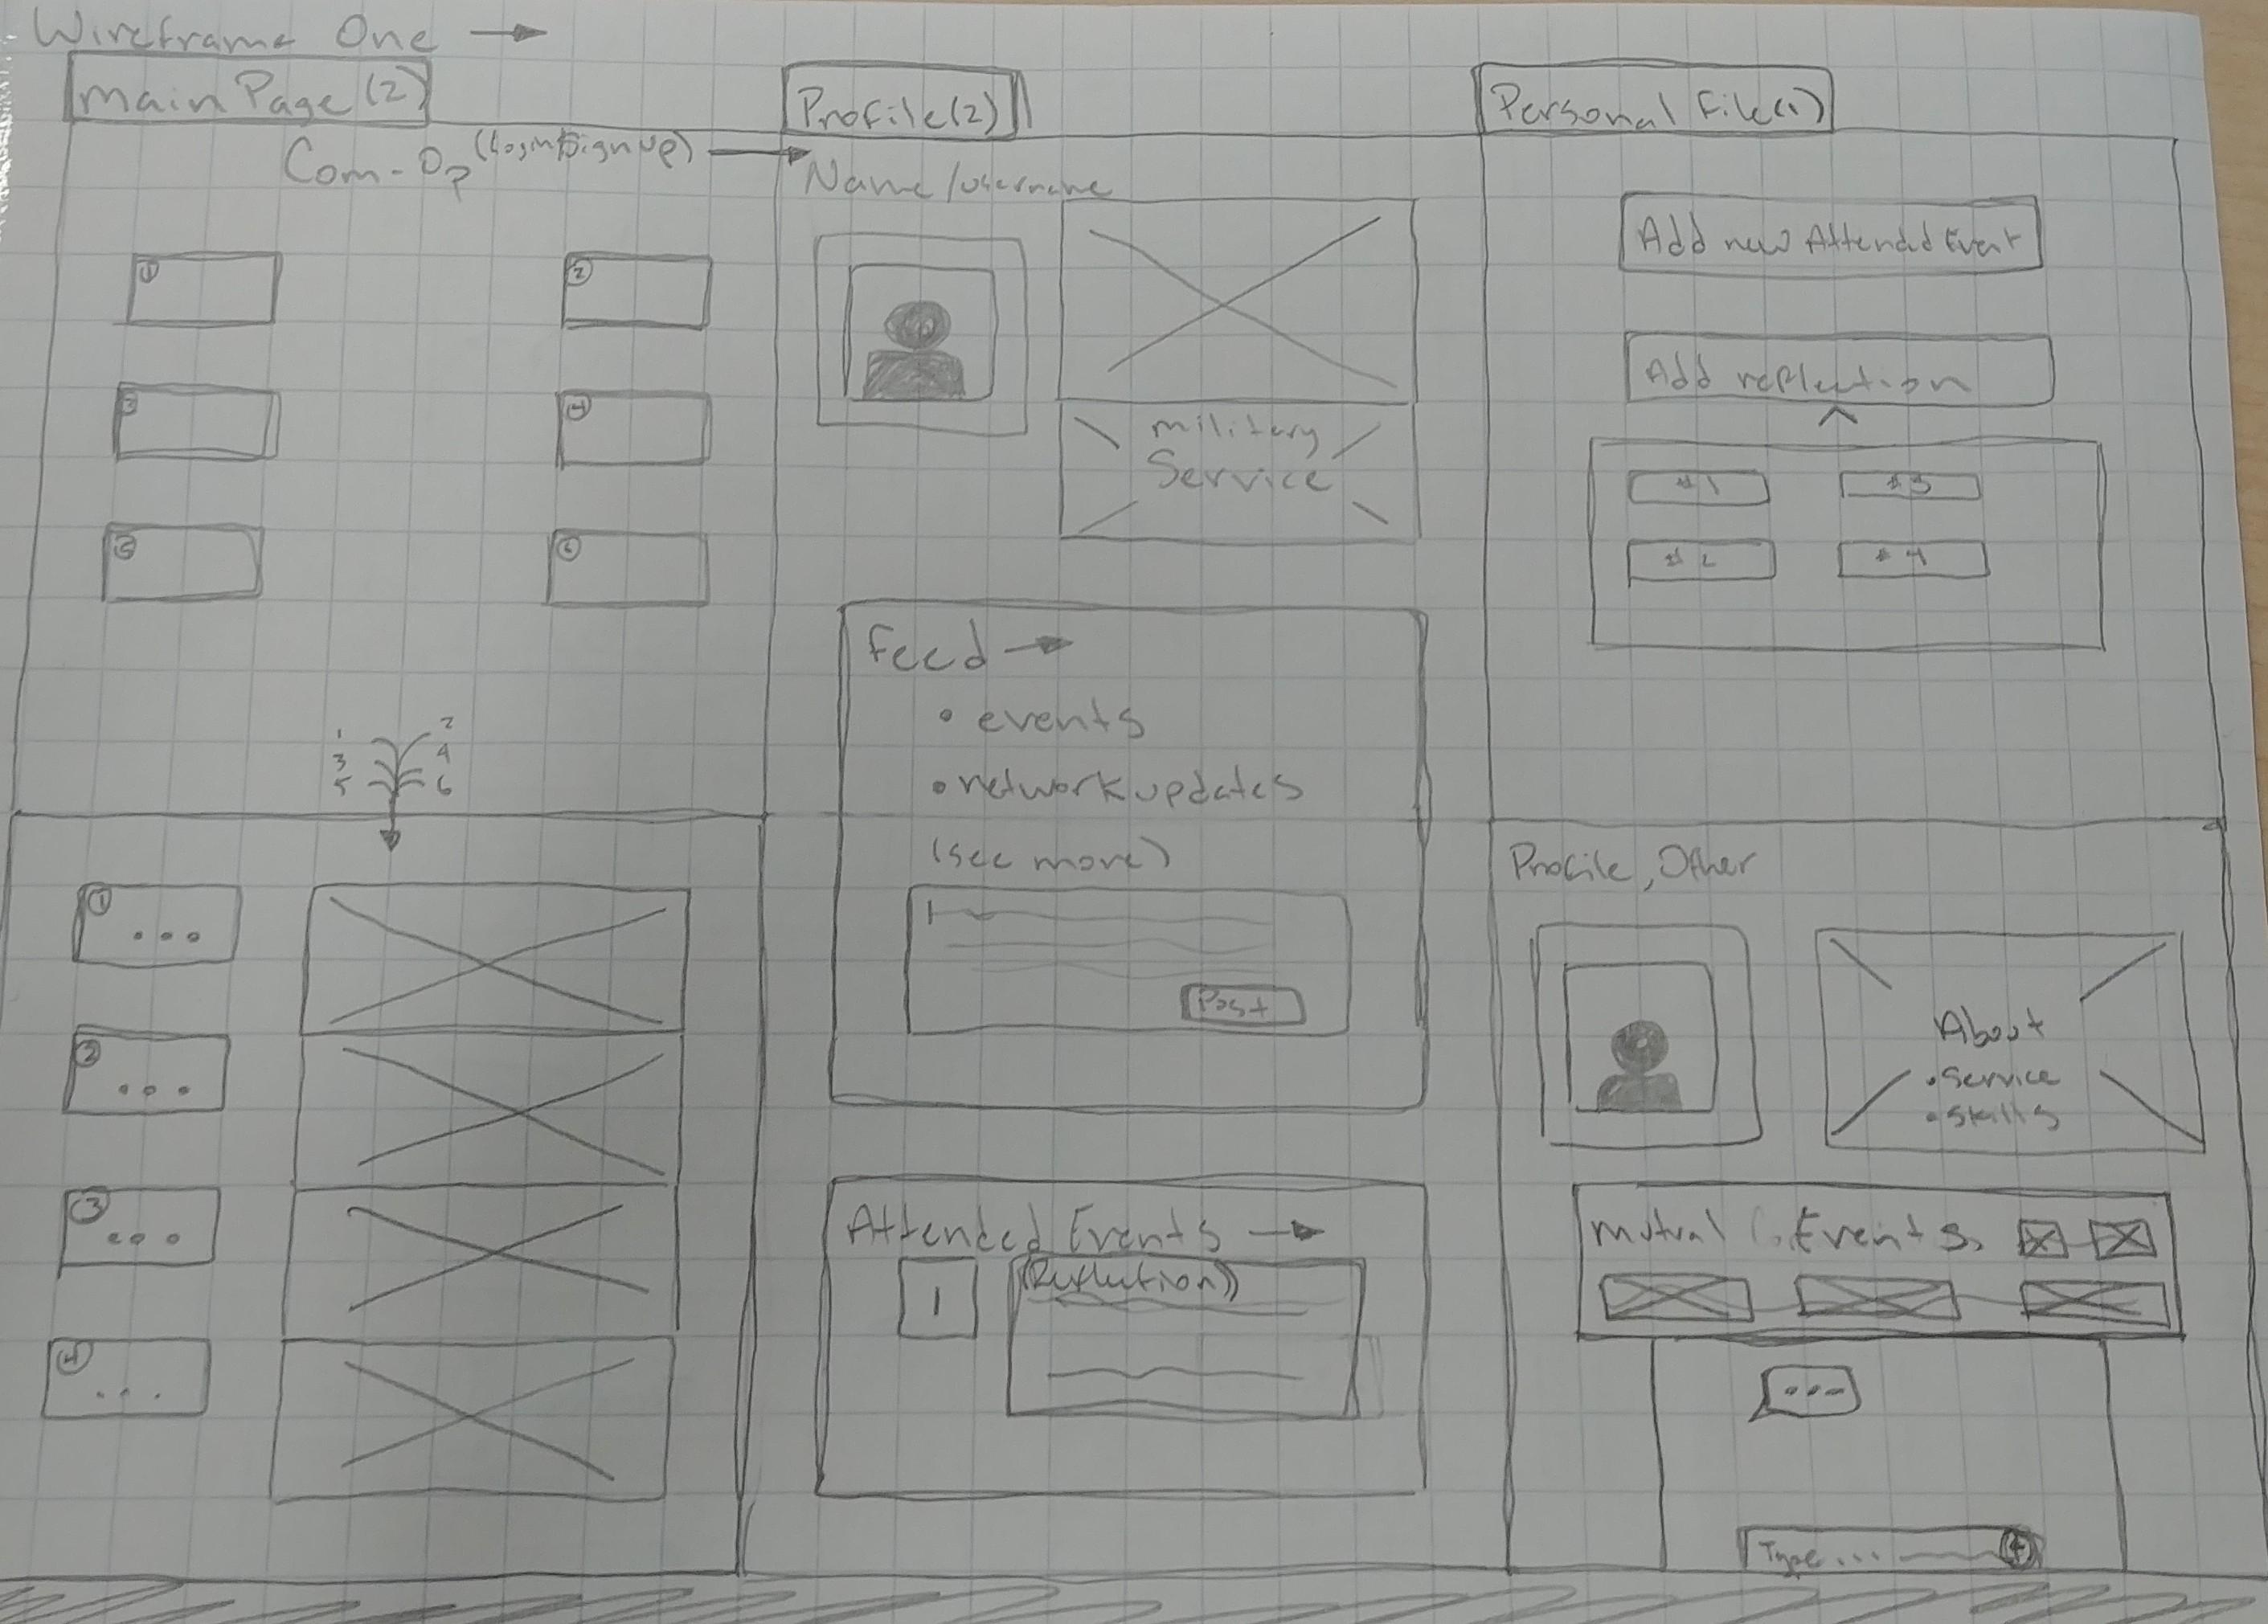 Low fidelity sketch idea 2 for Co-Op application.